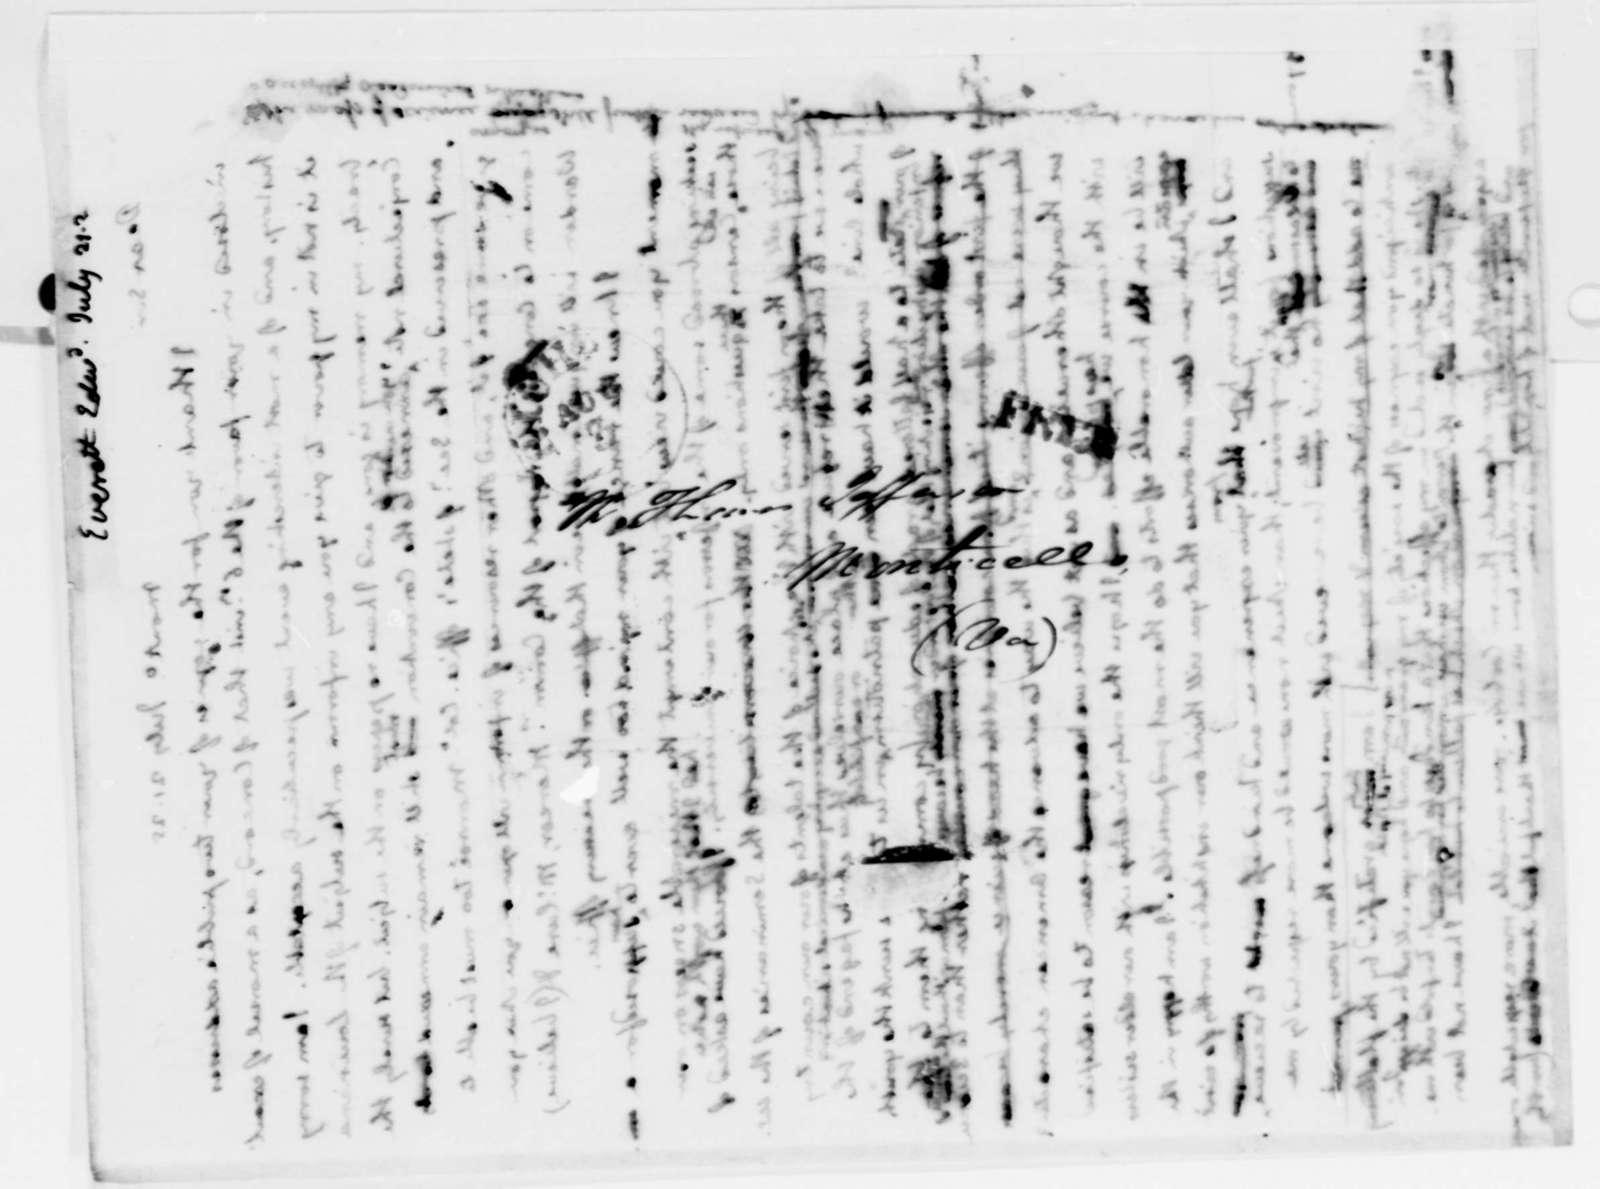 Thomas Jefferson to Edward Everett, July 21, 1825